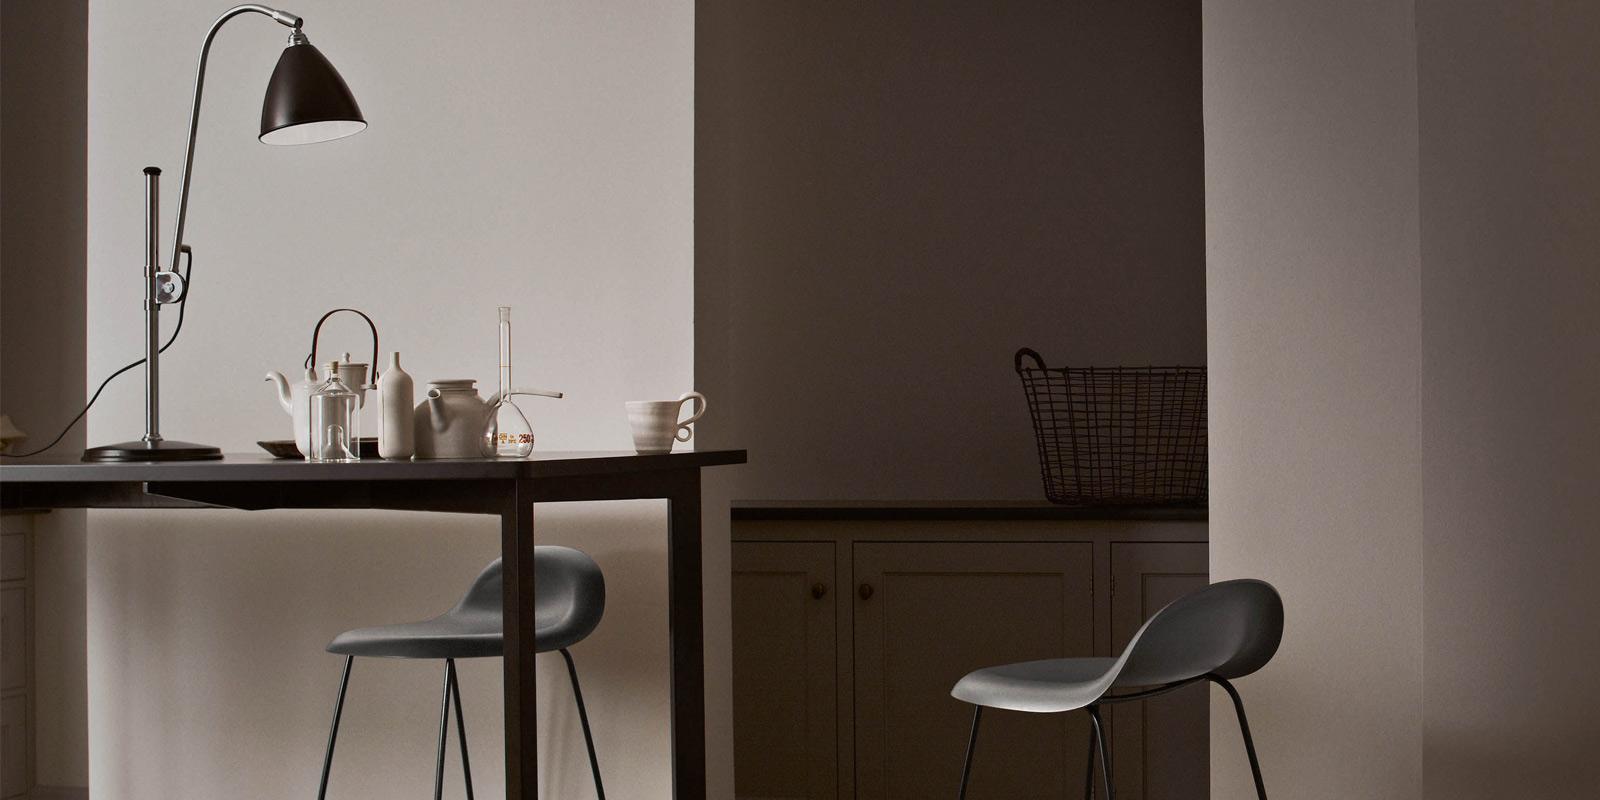 Miljøbilde av Bestlite vegg, bord og gulvlamper